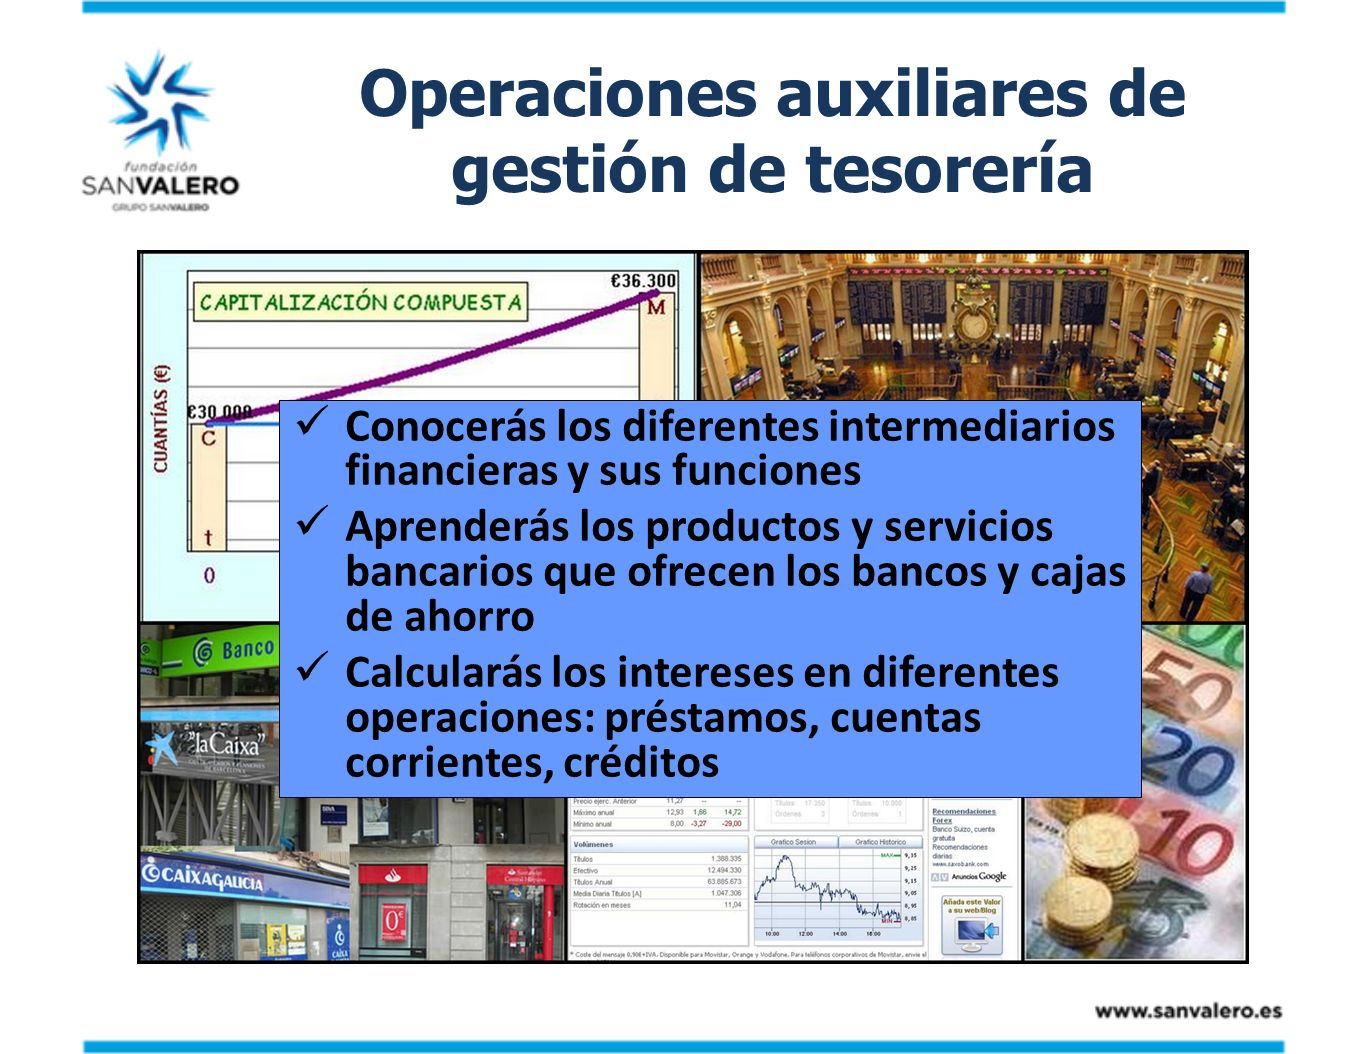 Operaciones auxiliares de gestión de tesorería